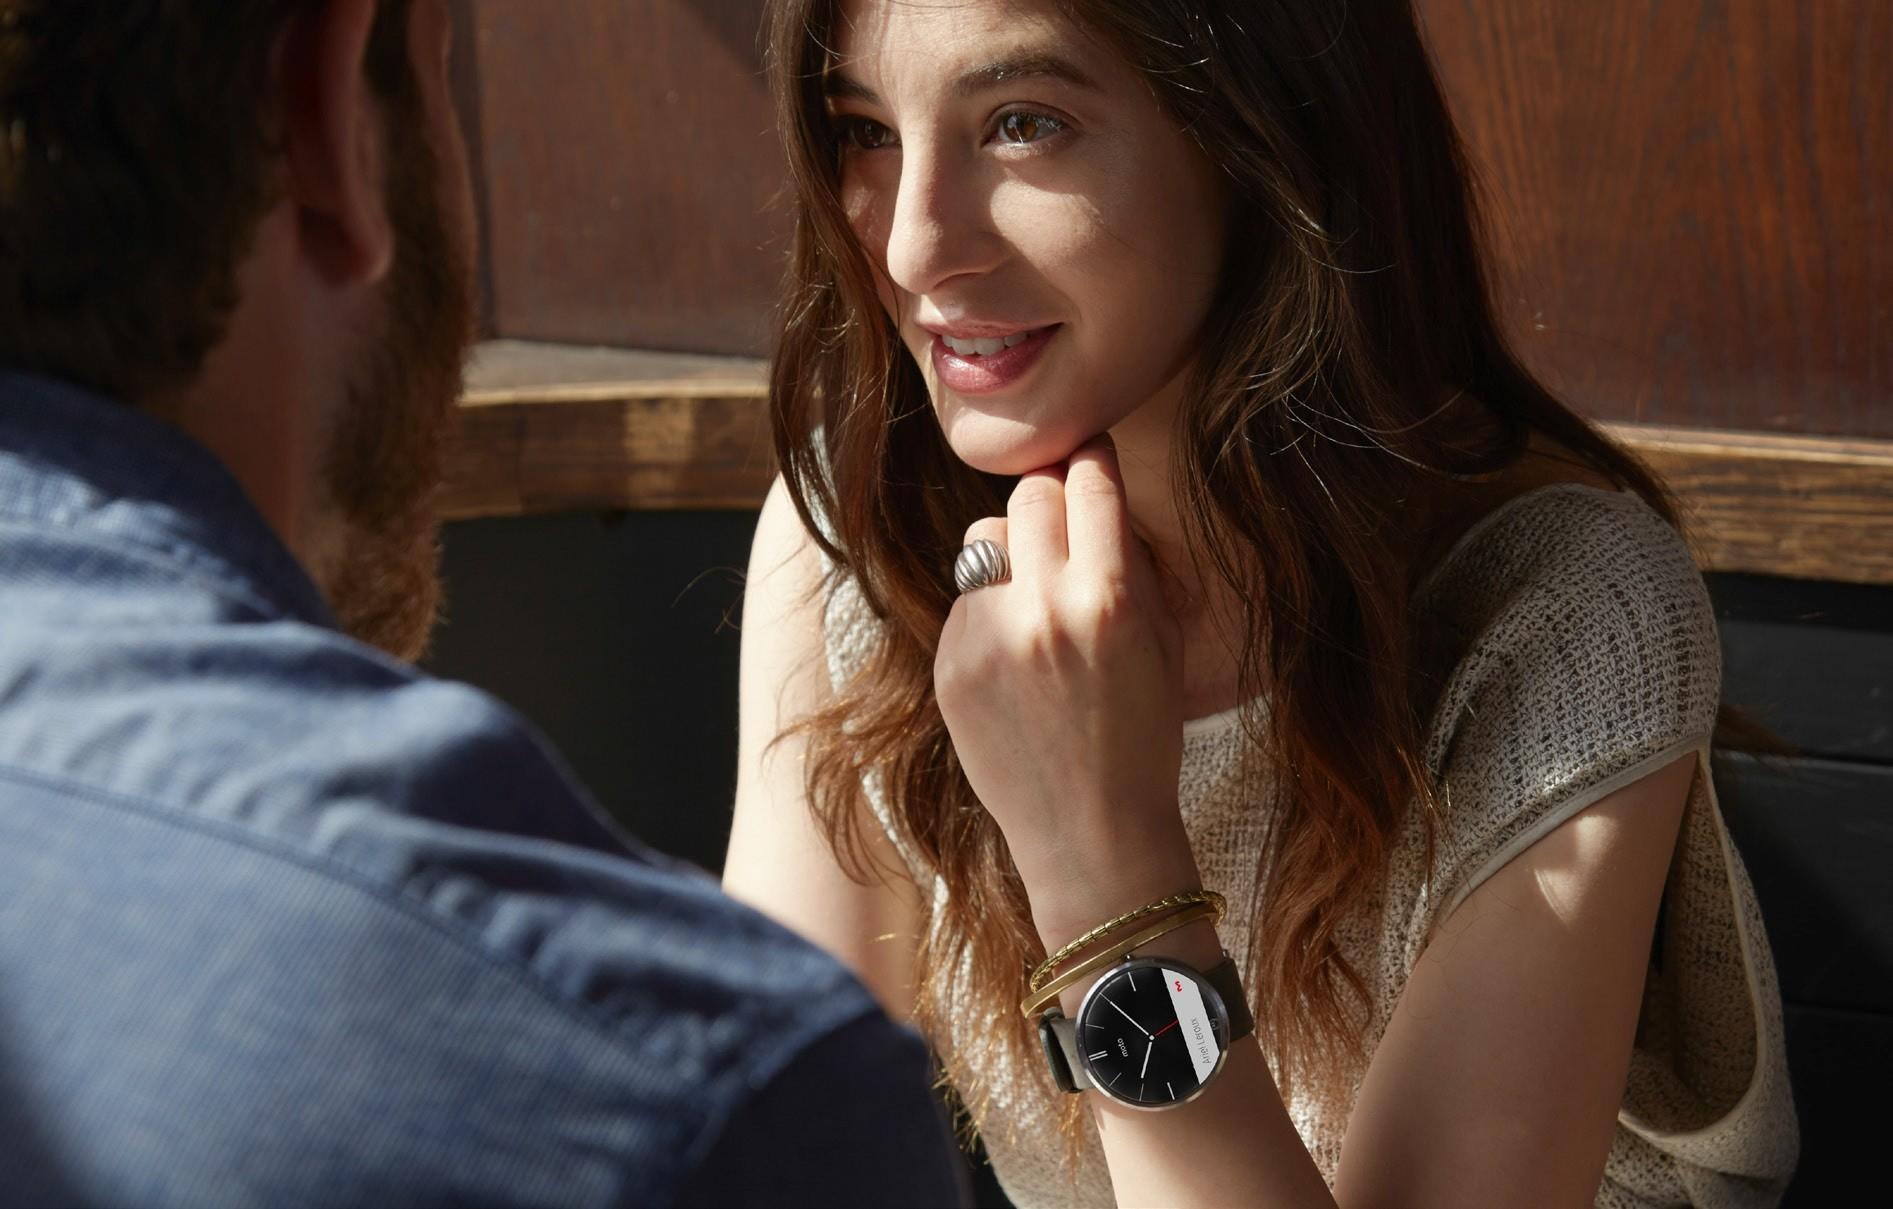 Motorola-ն ներկայացրել է Moto 360 «խելացի ժամացույցները»